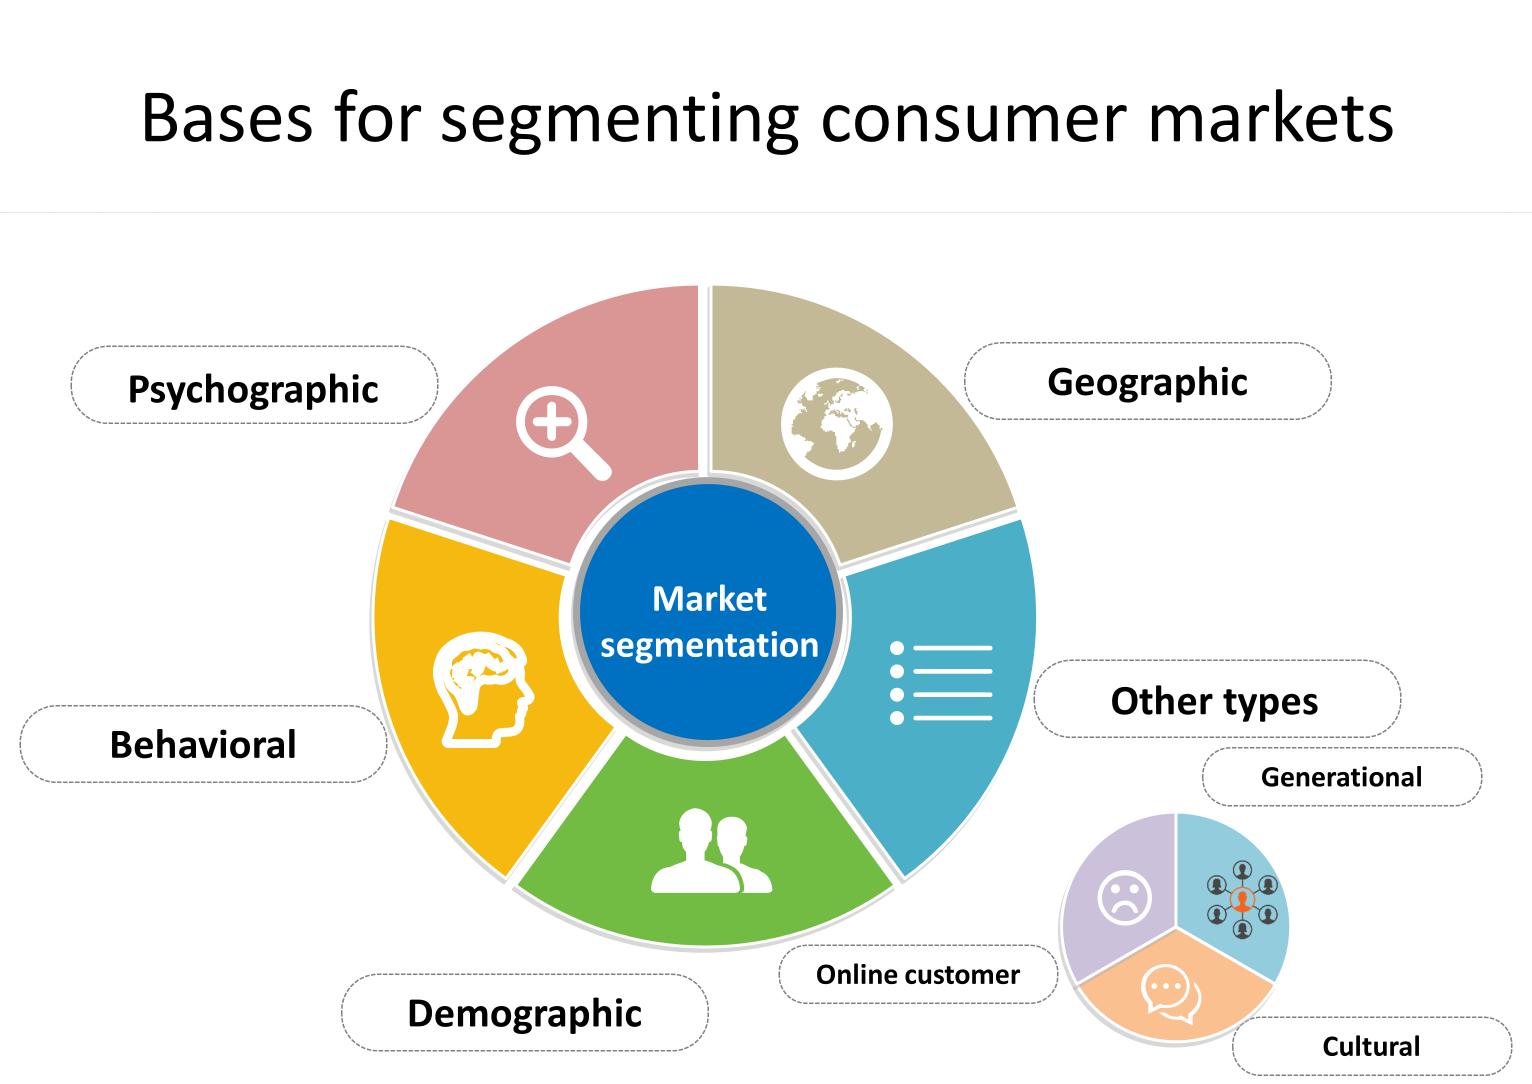 5 Ví dụ về lựa chọn thị trường mục tiêu cho doanh nghiệp marketingreview.vn